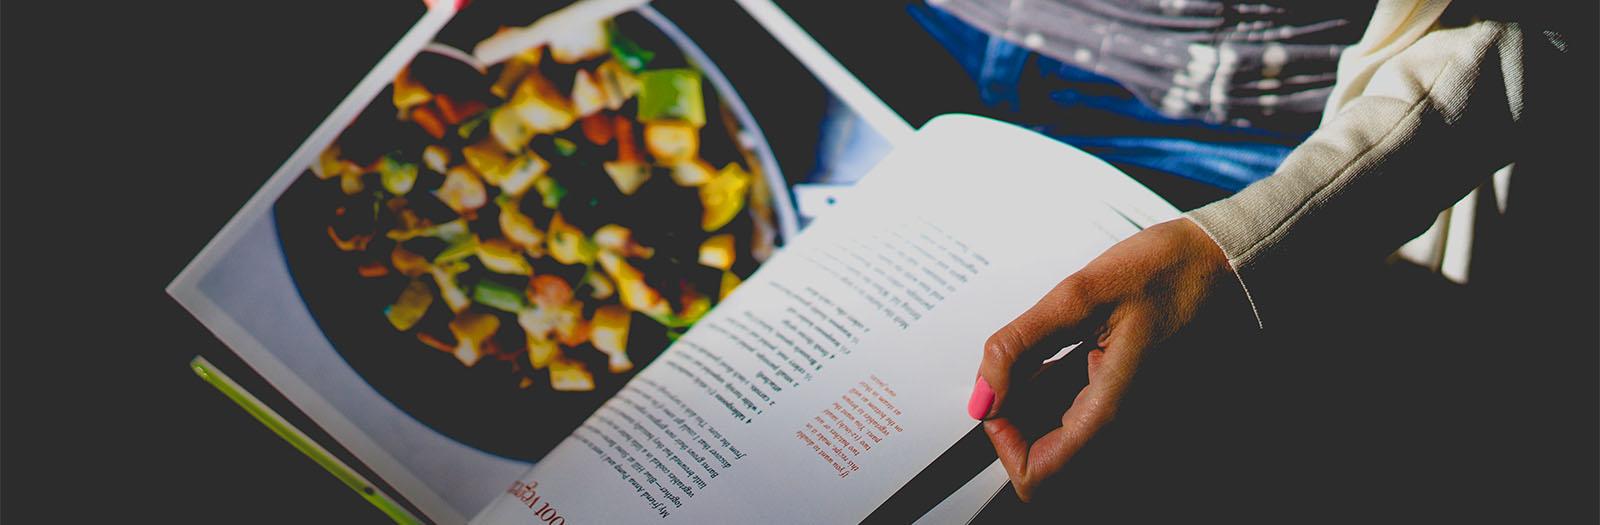 cookbook in hand